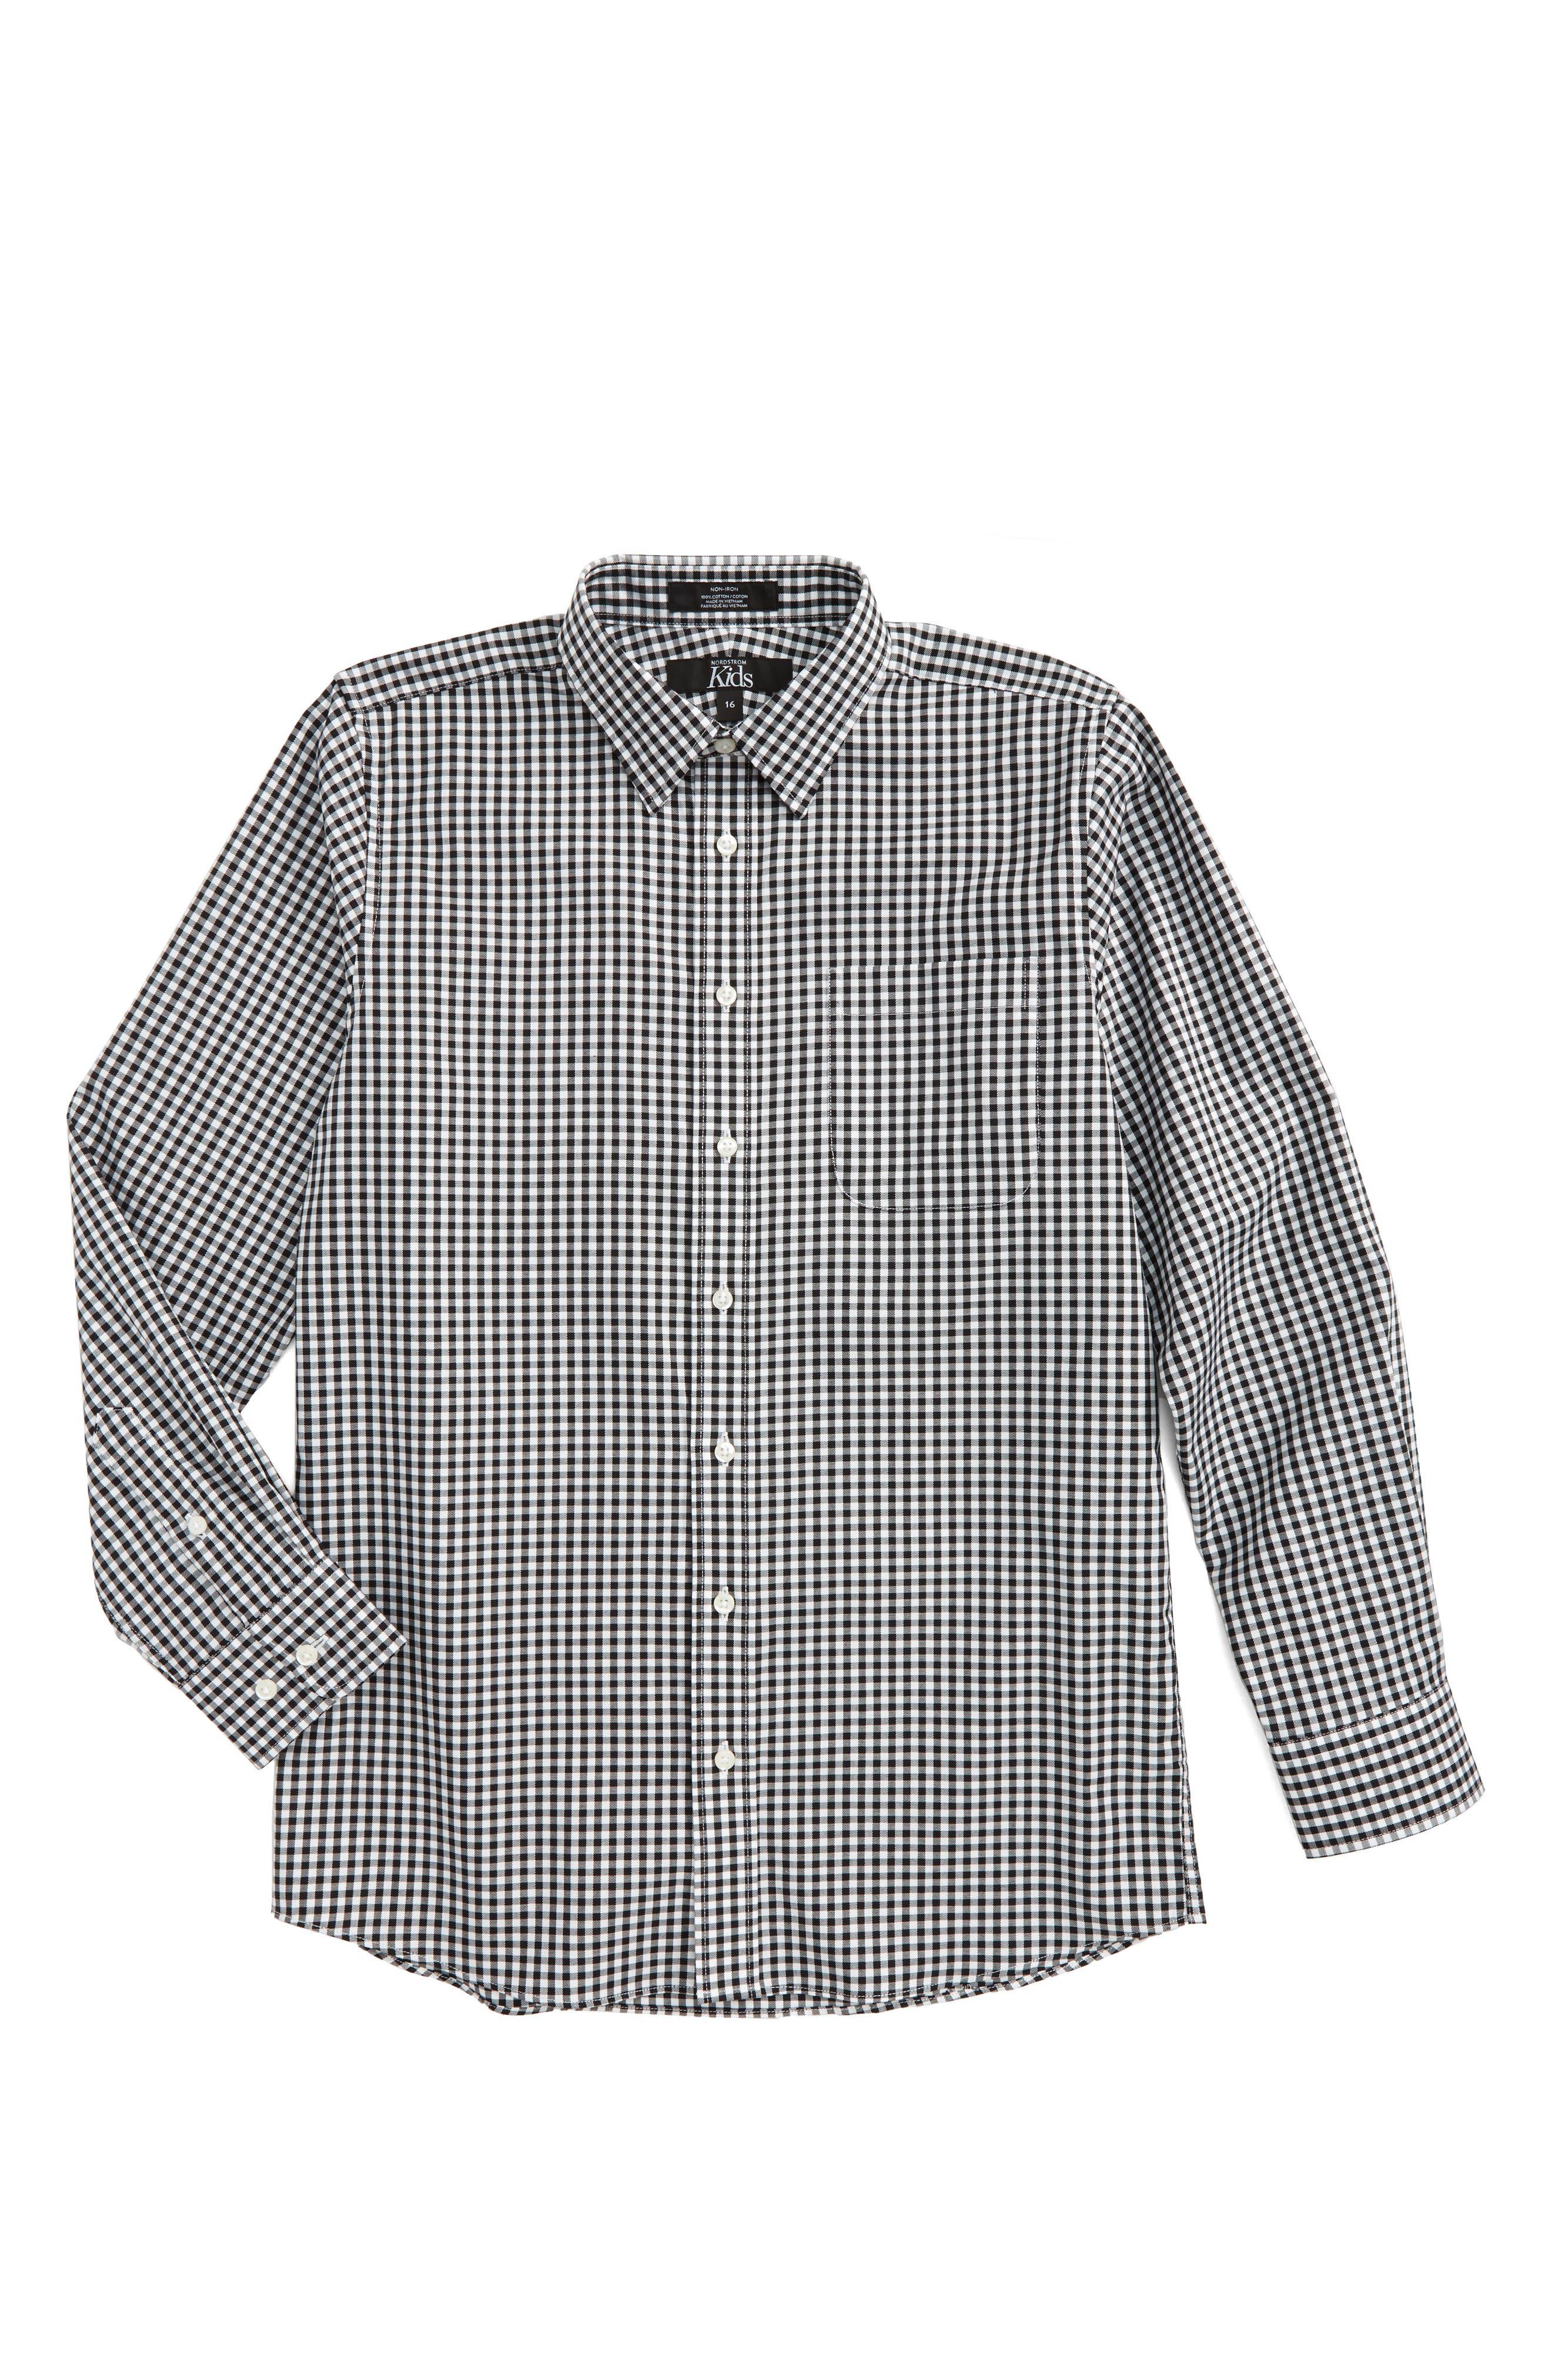 Non-Iron Check Dress Shirt,                             Main thumbnail 1, color,